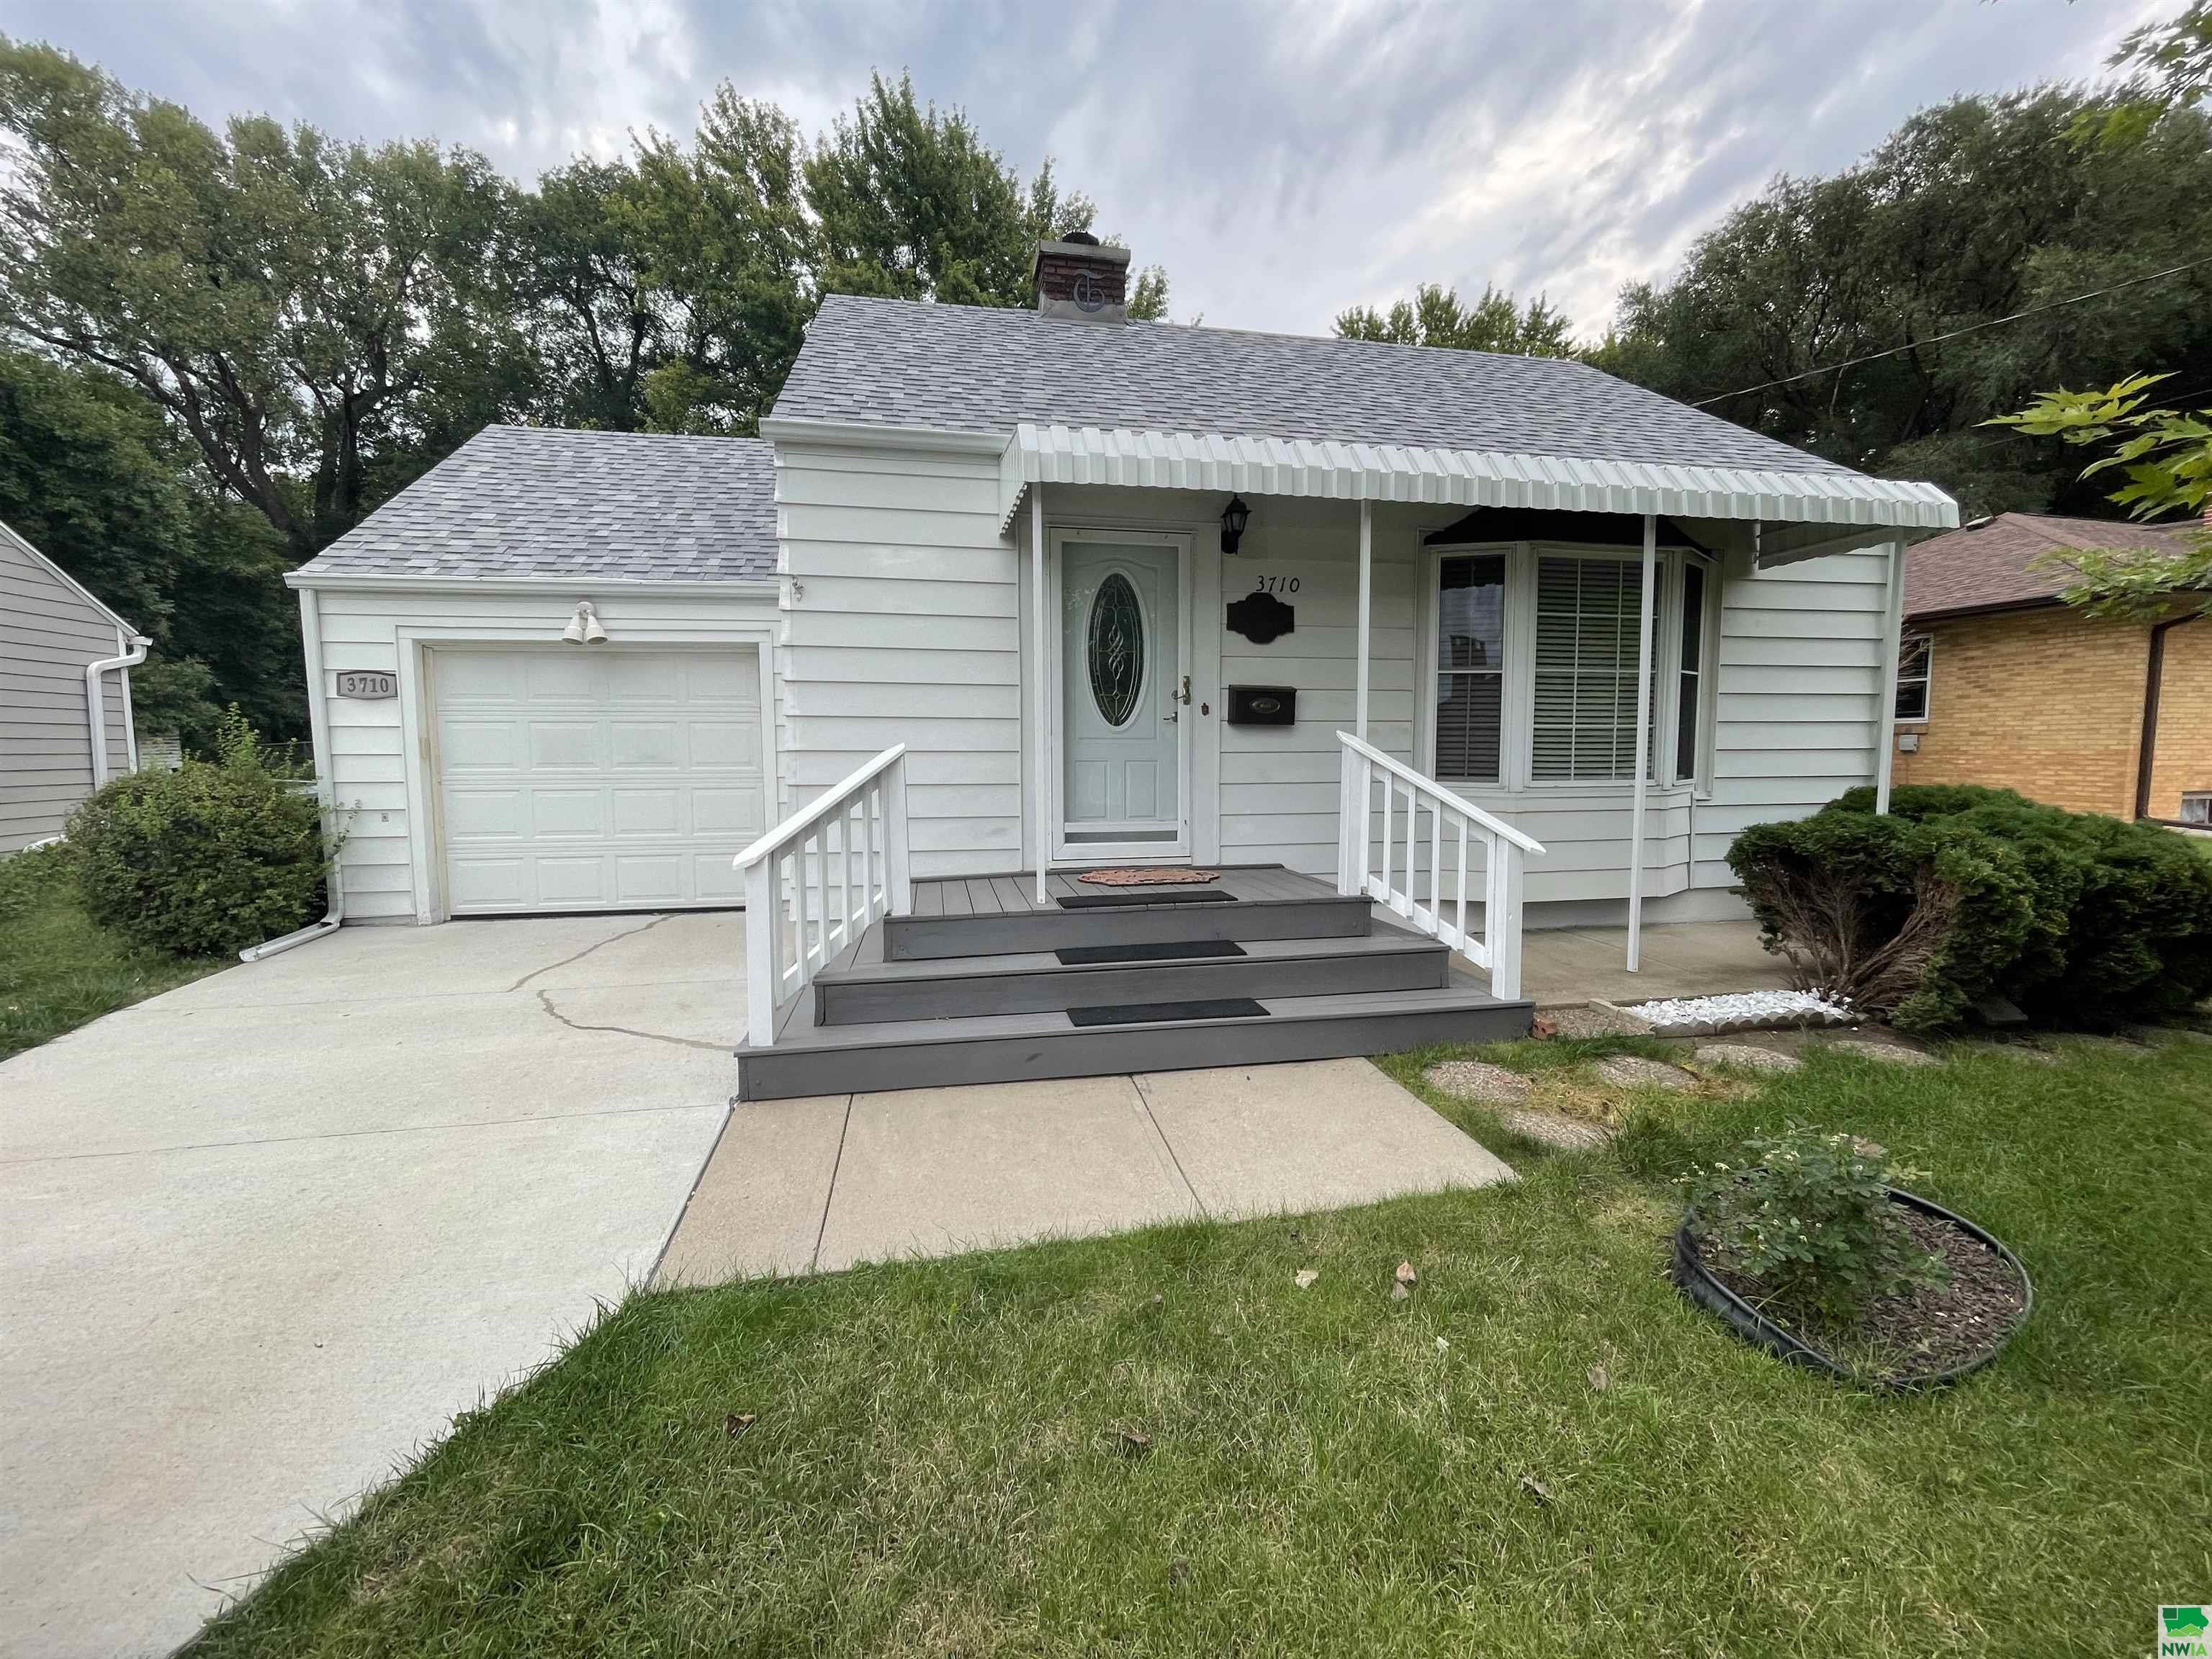 3710 Grandview, Sioux City, Iowa 51101